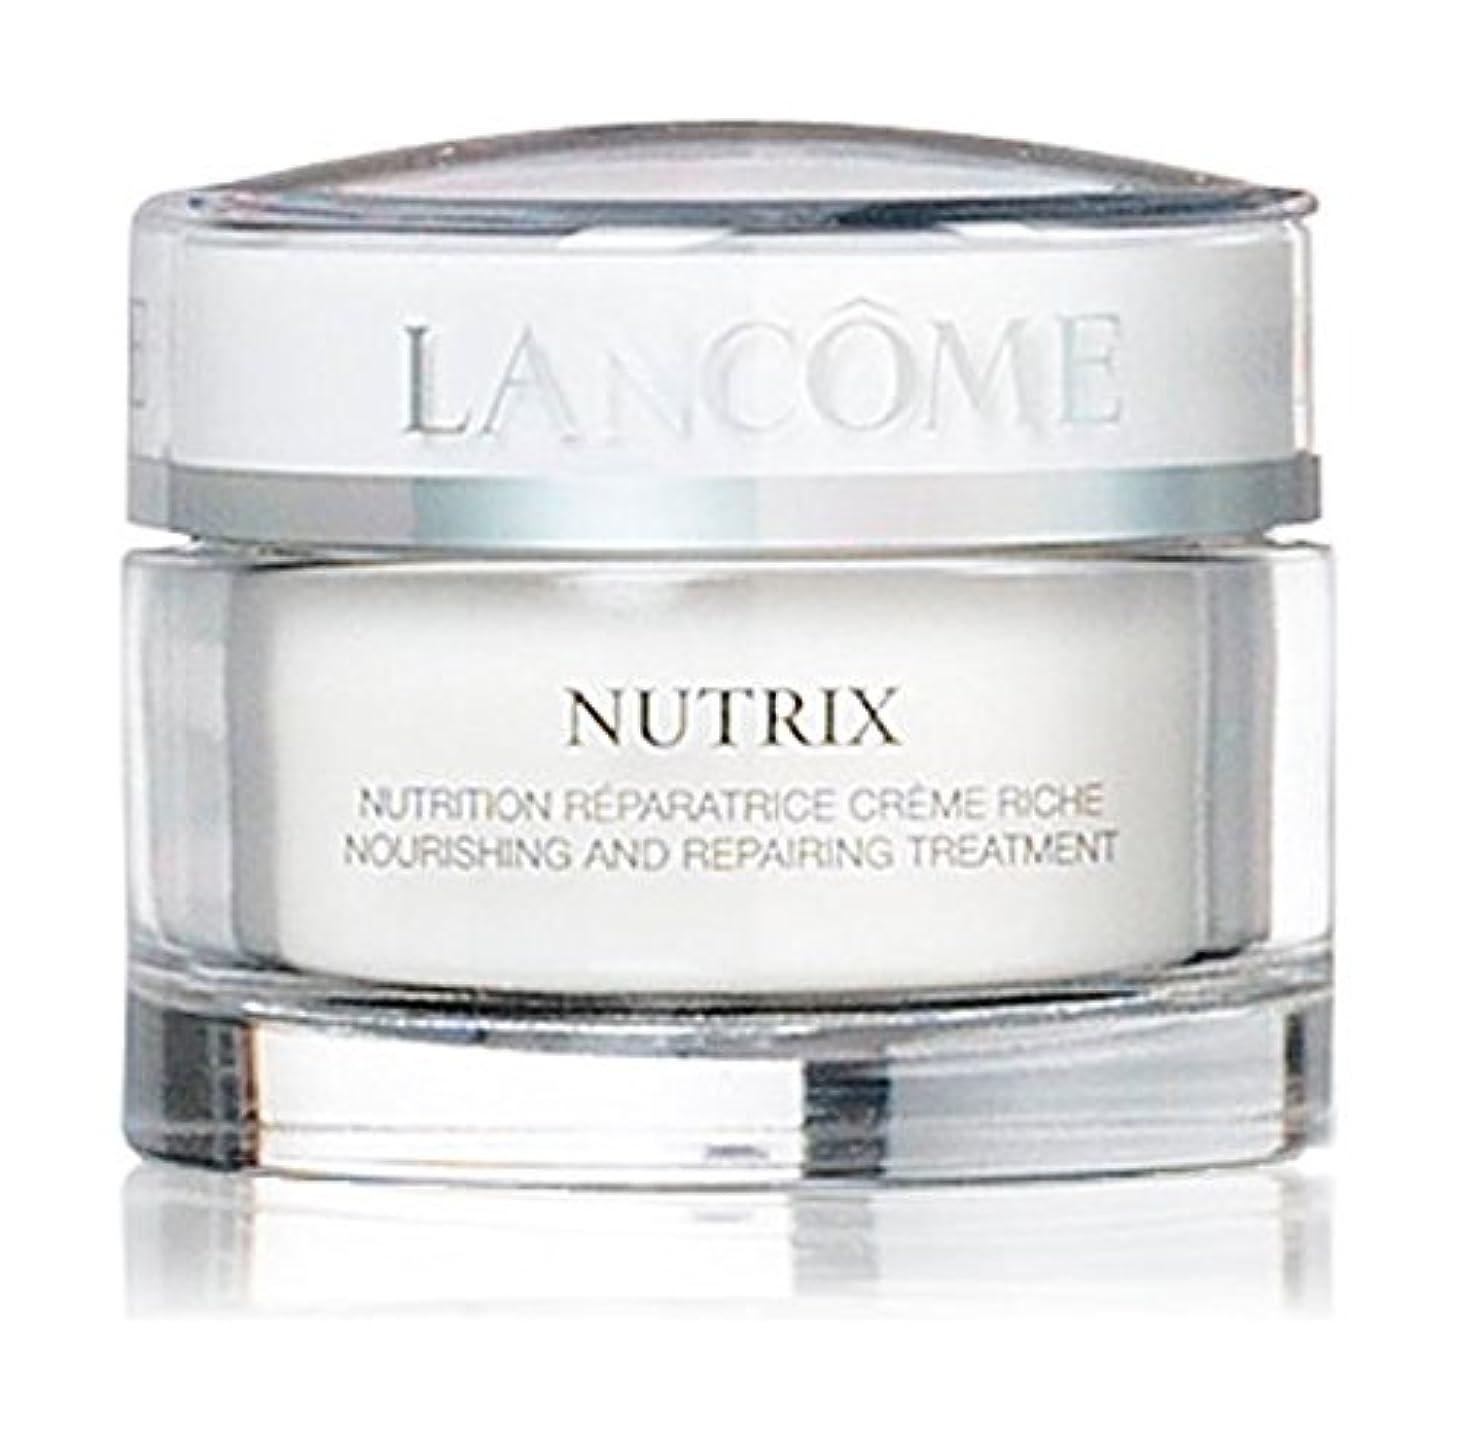 化学薬品予測する普及ランコム Nutrix Nourishing And Repairing Treatment Rich Cream - For Very Dry, Sensitive Or Irritated Skin 50ml/1.7oz...